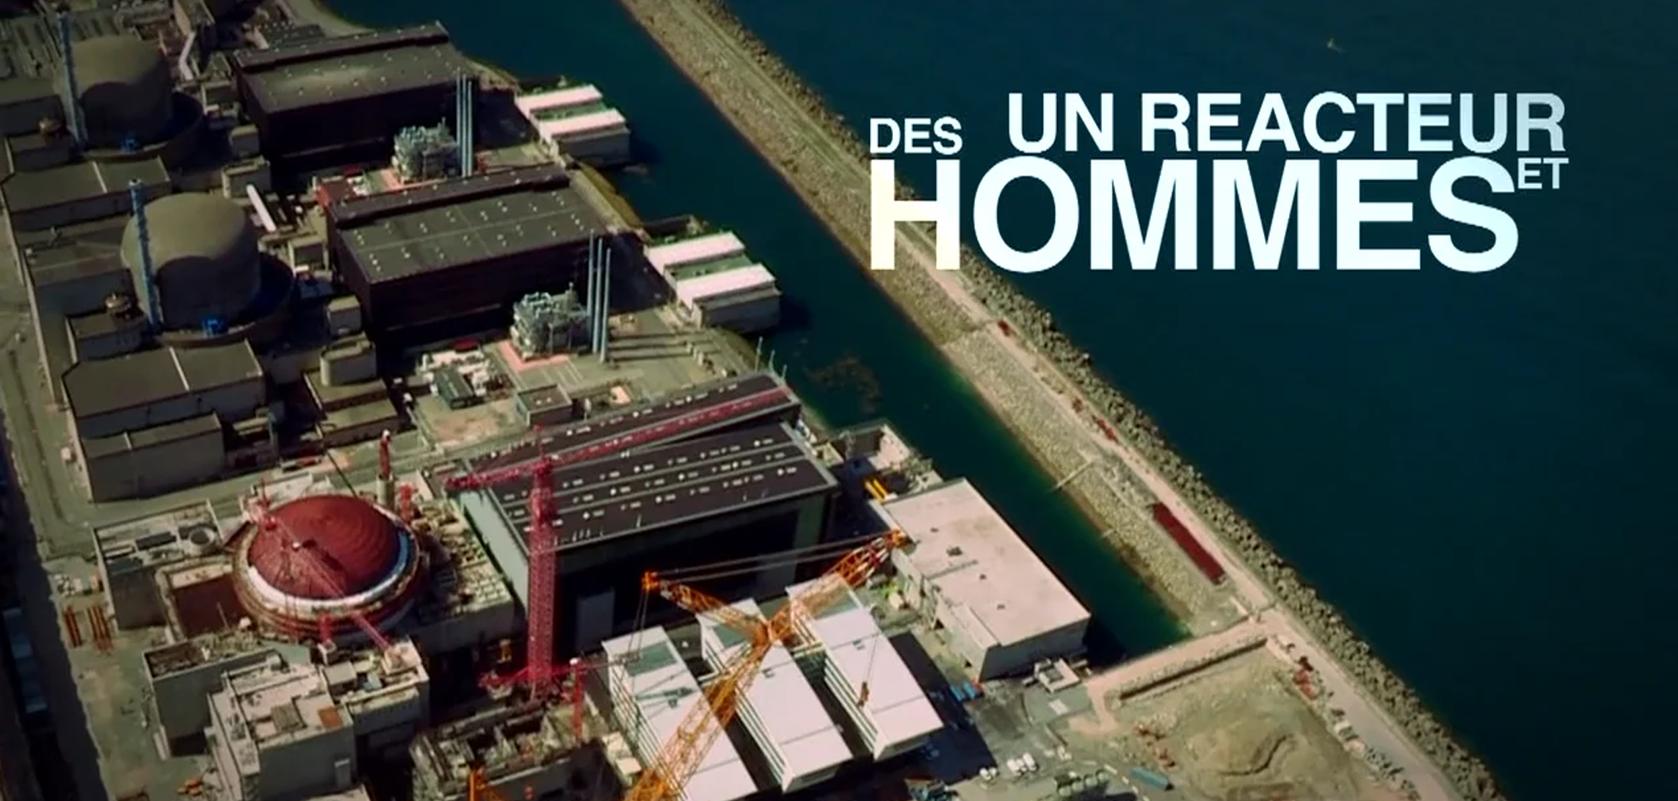 UN RÉACTEUR ET DES HOMMES Reportage TV